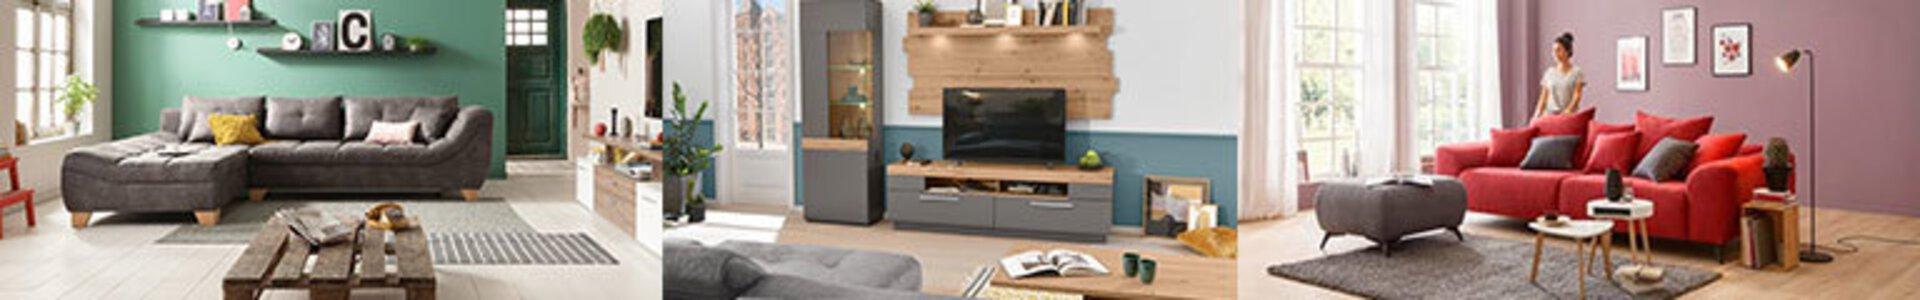 Banner auf der Markenseite Livin zeigt typische Möbel der Marke.